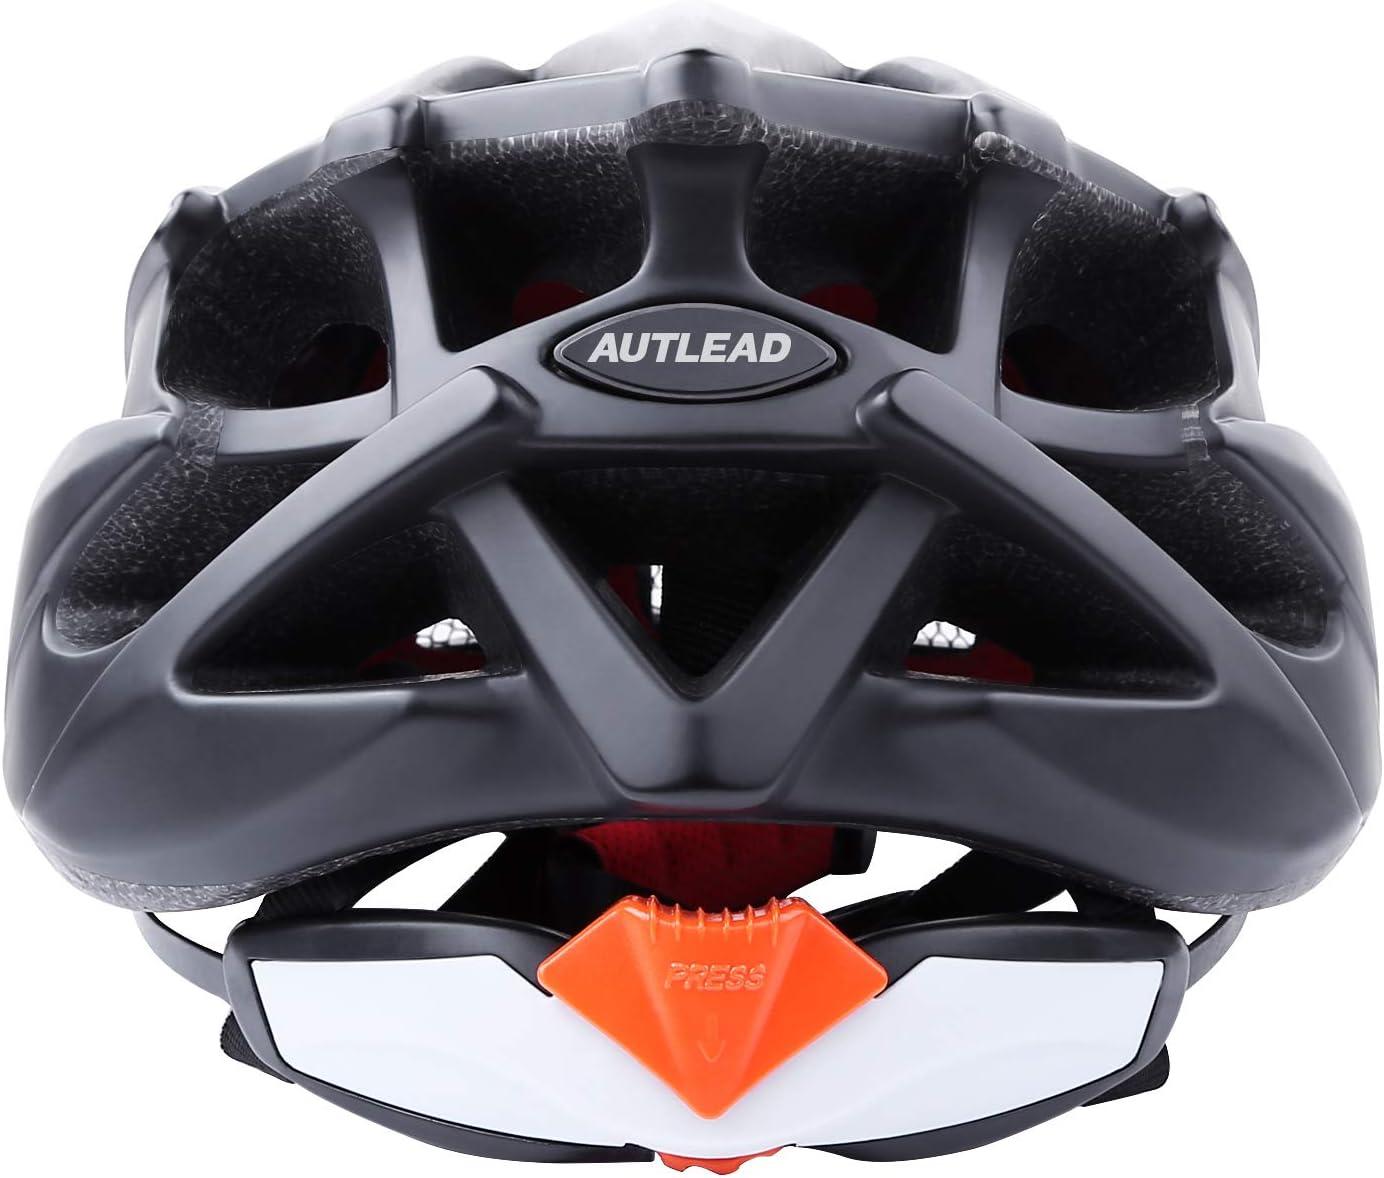 DesignSter Integrierter Fahrradhelm mit LED-Sicherheitslicht Verstellbarer Fahrradhelm mit abnehmbarem Visier//Ersatzfutter atmungsaktiver Helm f/ür Rennradfahrer und Mountainbiker